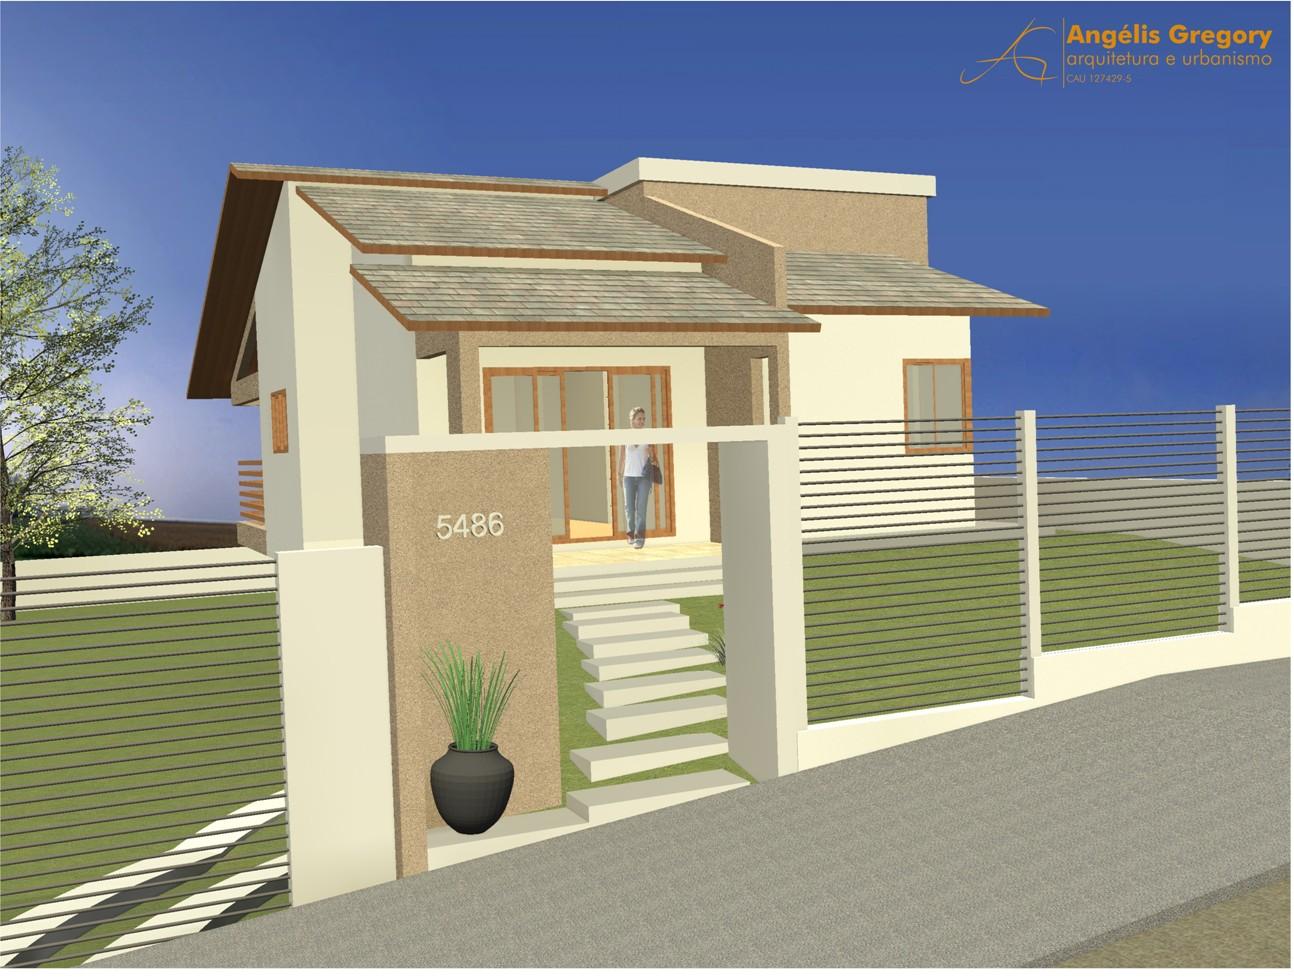 Urbanismo: Projetos para Minha Casa Minha Vida do Governo Federal #956836 1294 978